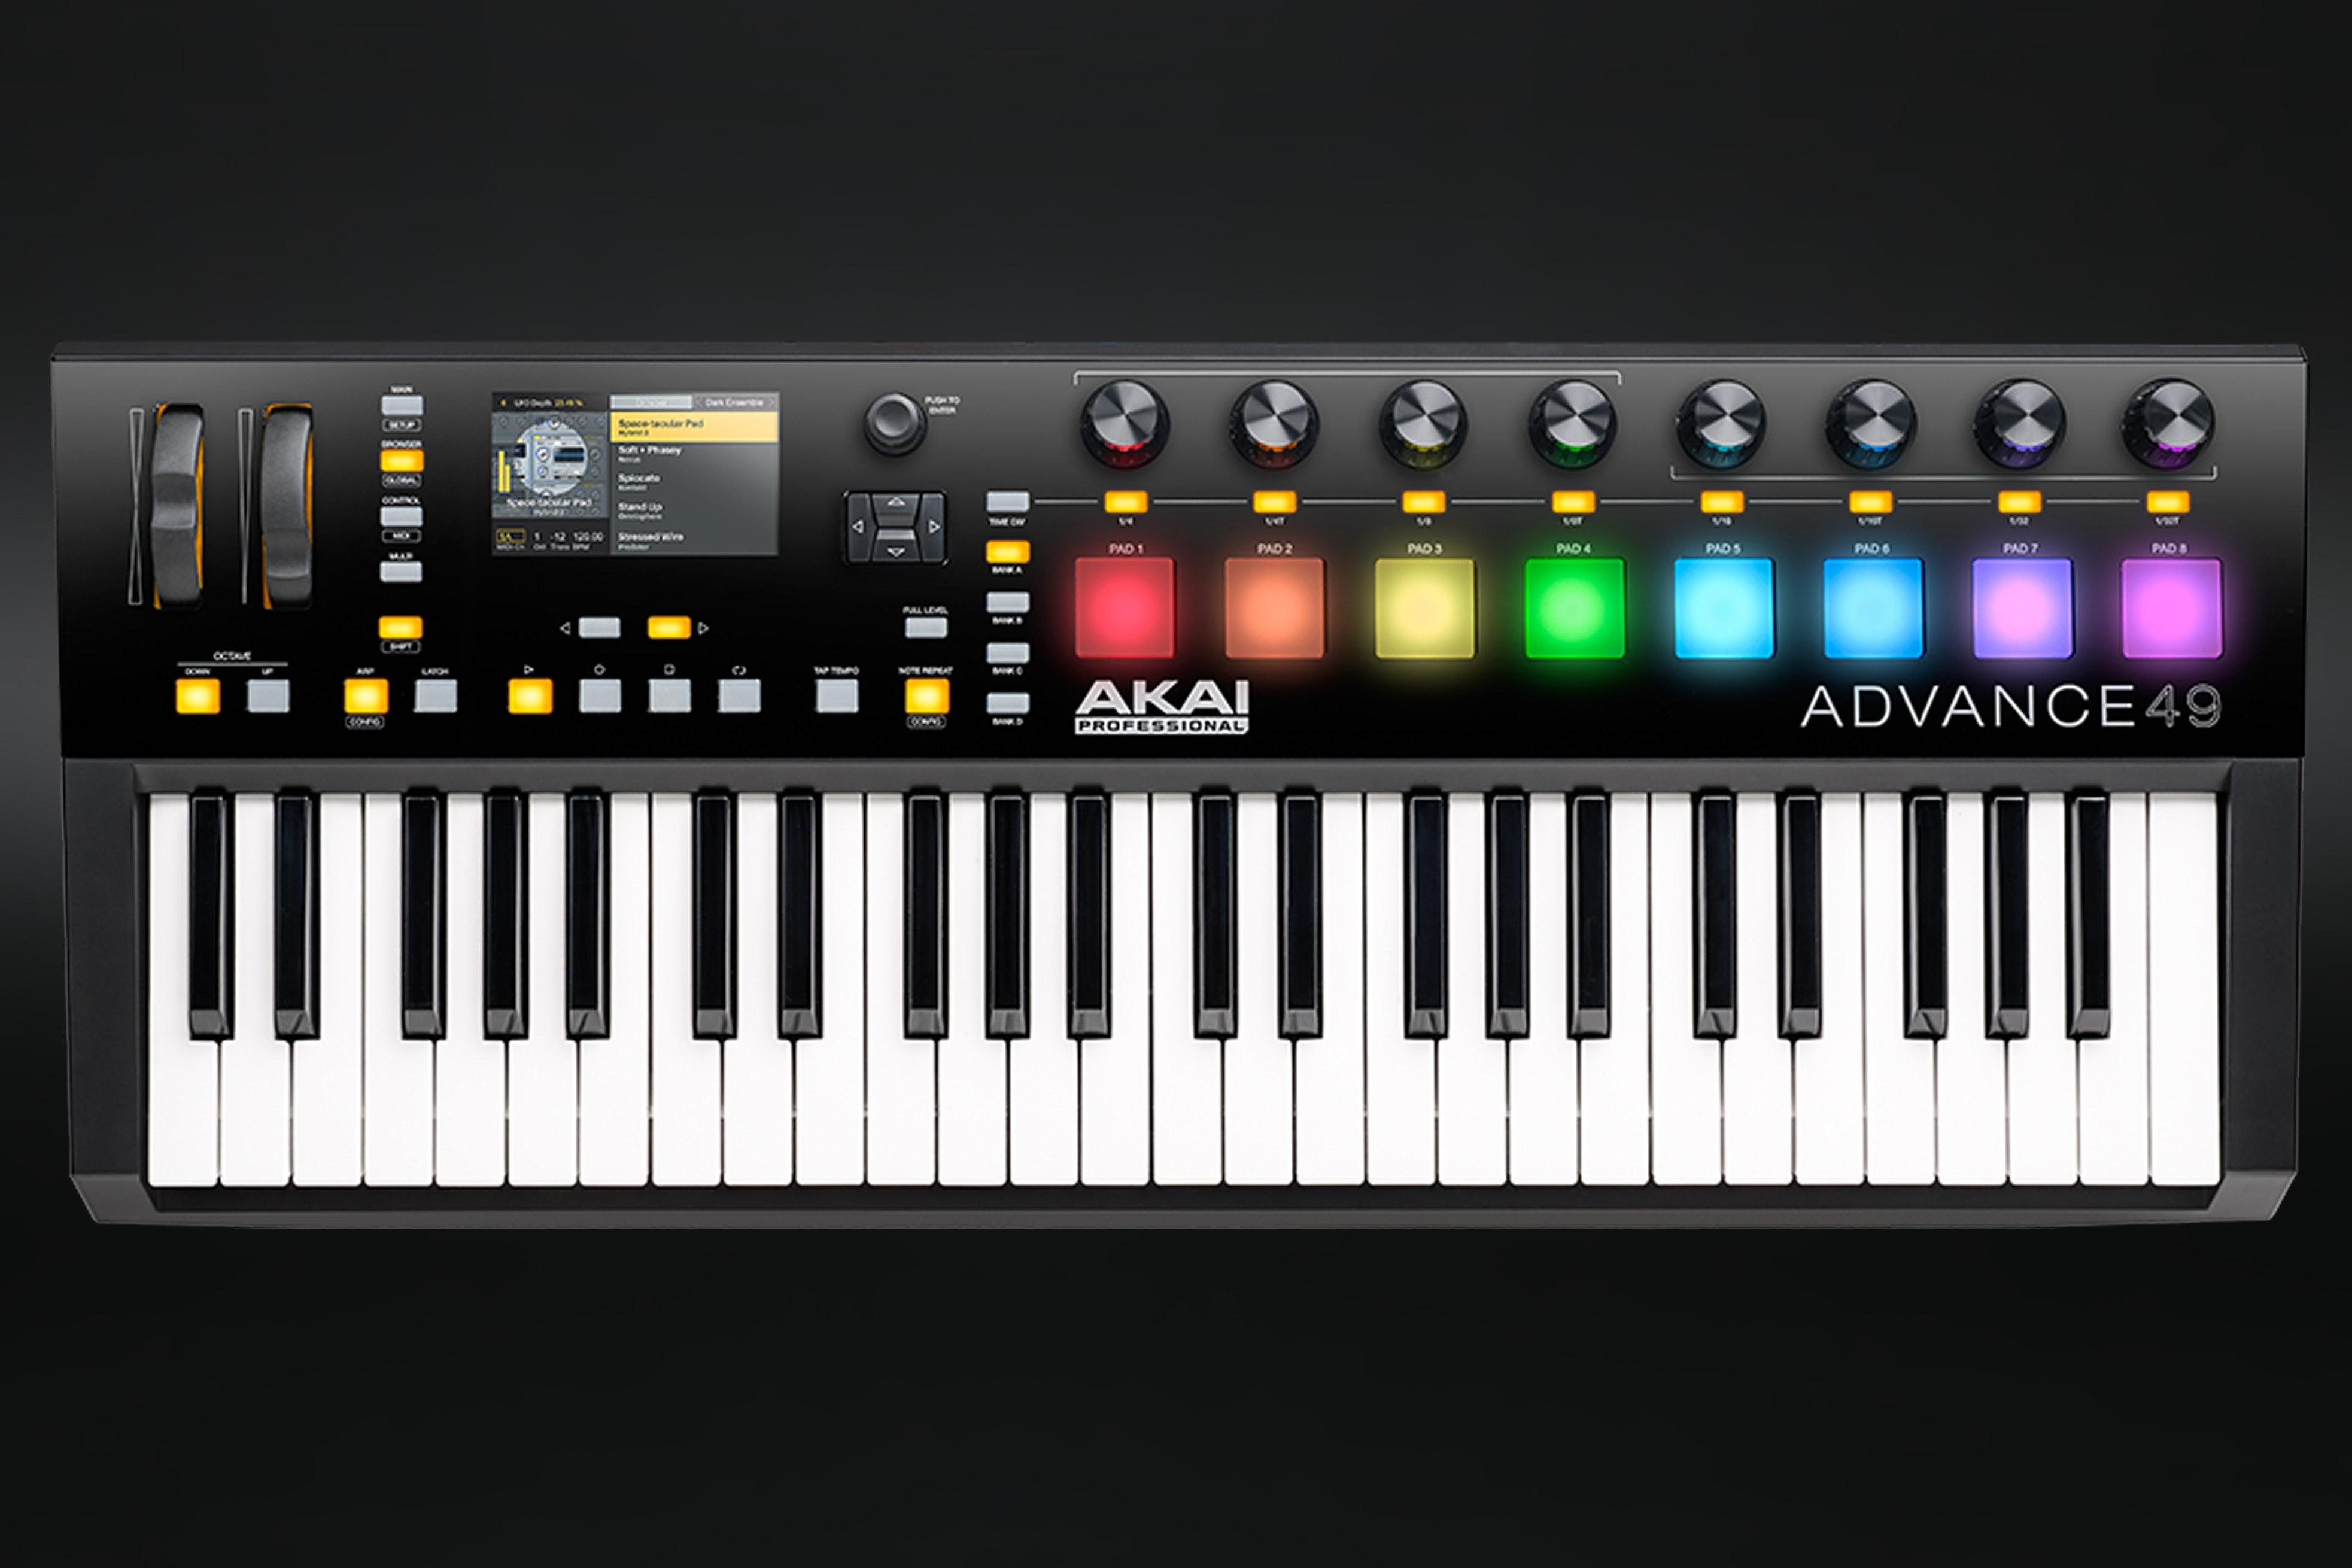 Akai Advance 49 Keyboard